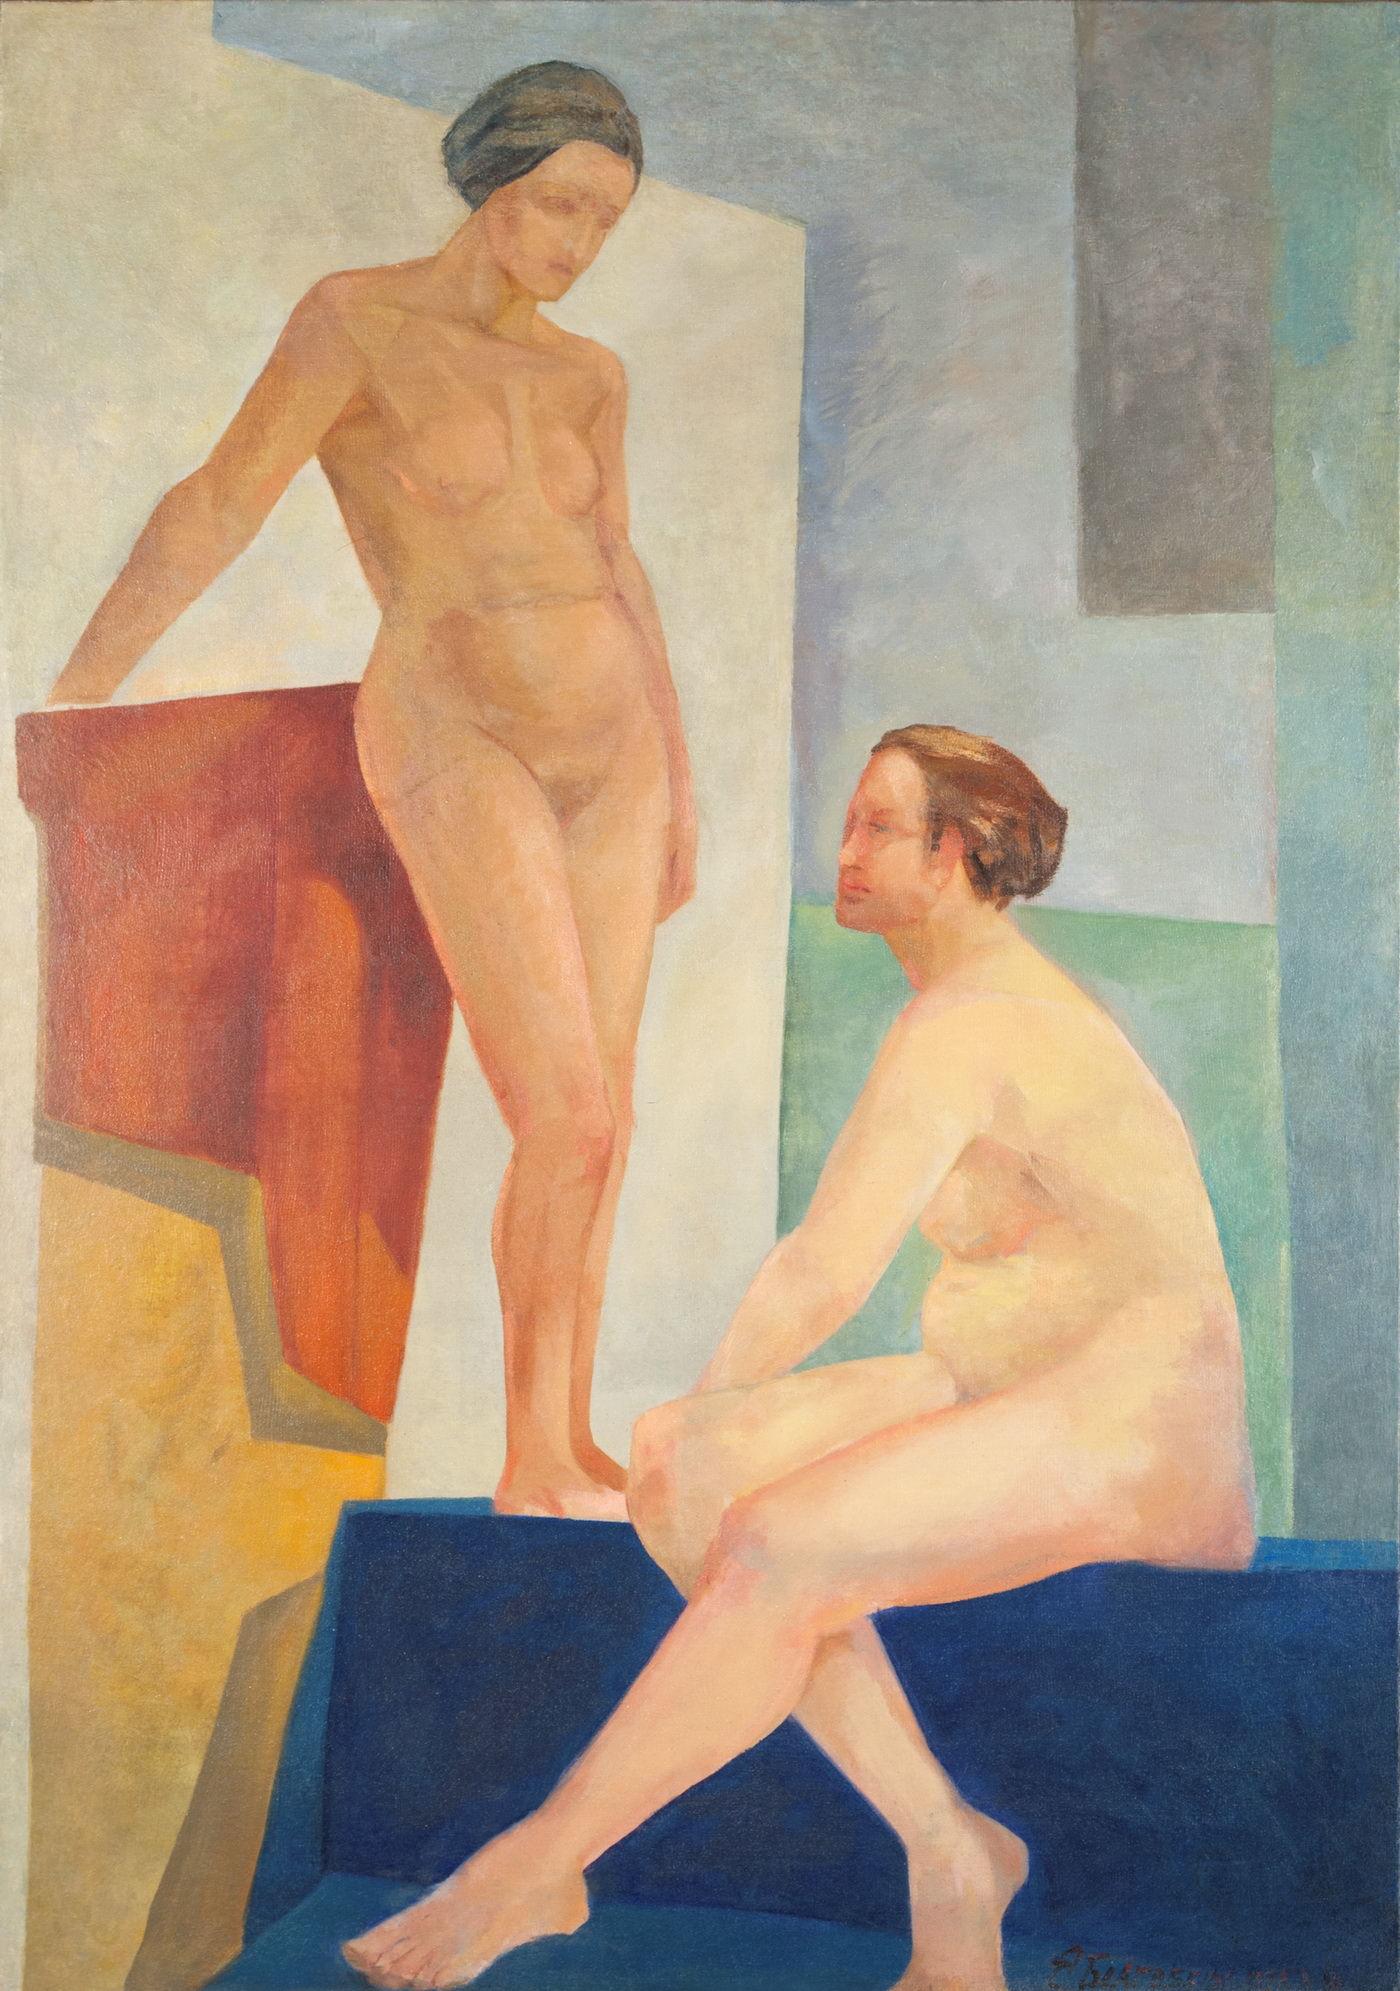 Евгения Благовещенская. Двойной портрет. Начало 1920-х. Холст, масло. 128 х 90 см